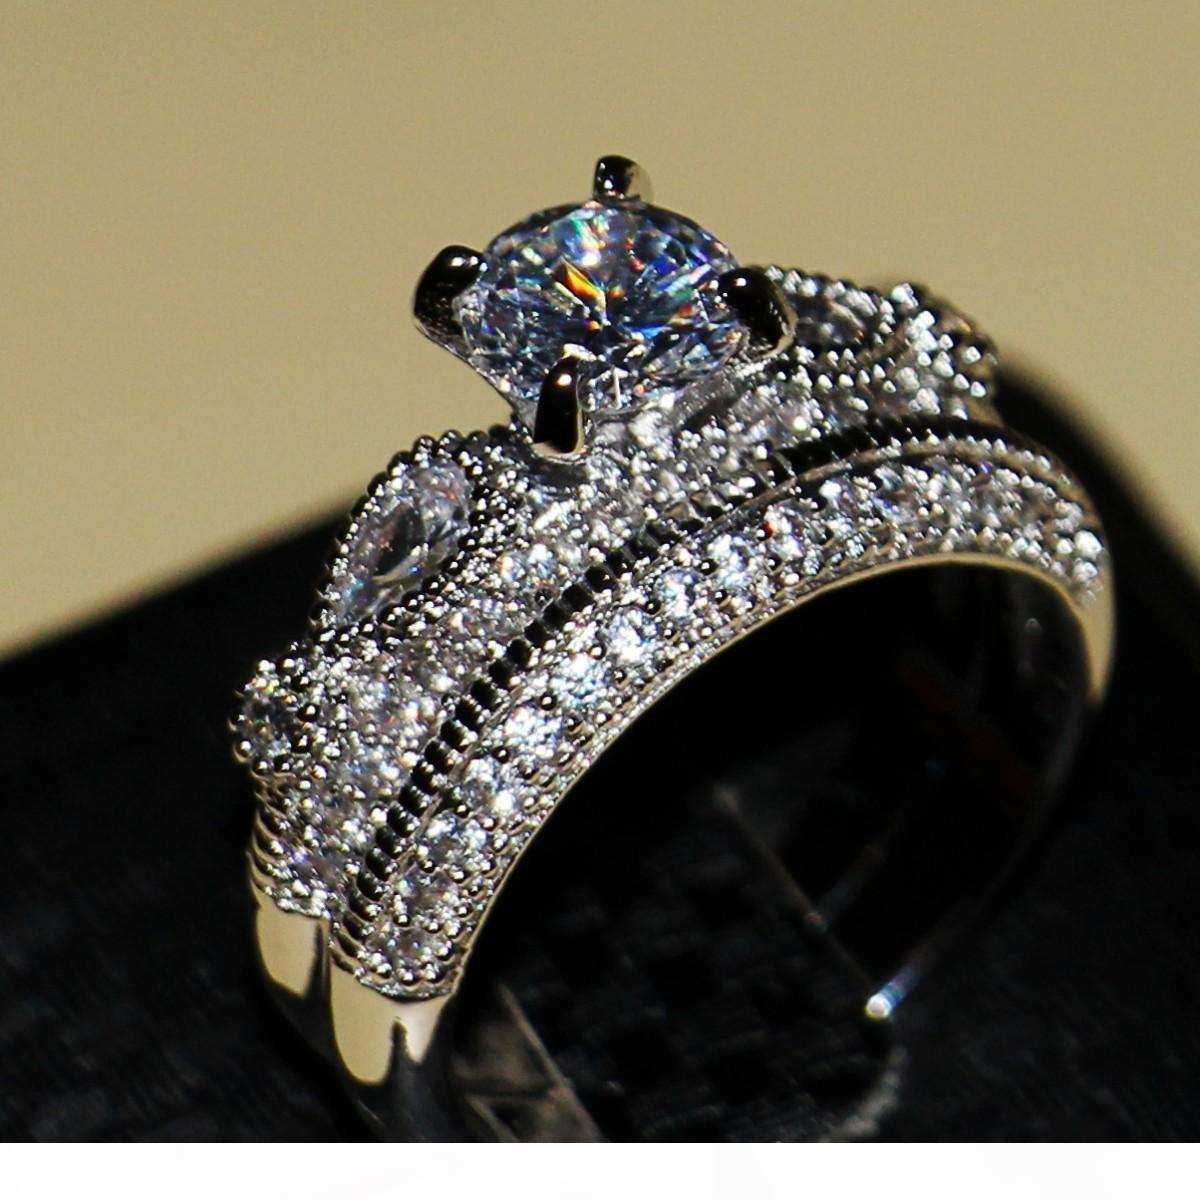 K all'ingrosso spedizione gratuita caldo gioielli di lusso Stunning 925 sterling argento rotondo taglio bianco zaffiro cz diamante wedding donne anello set si